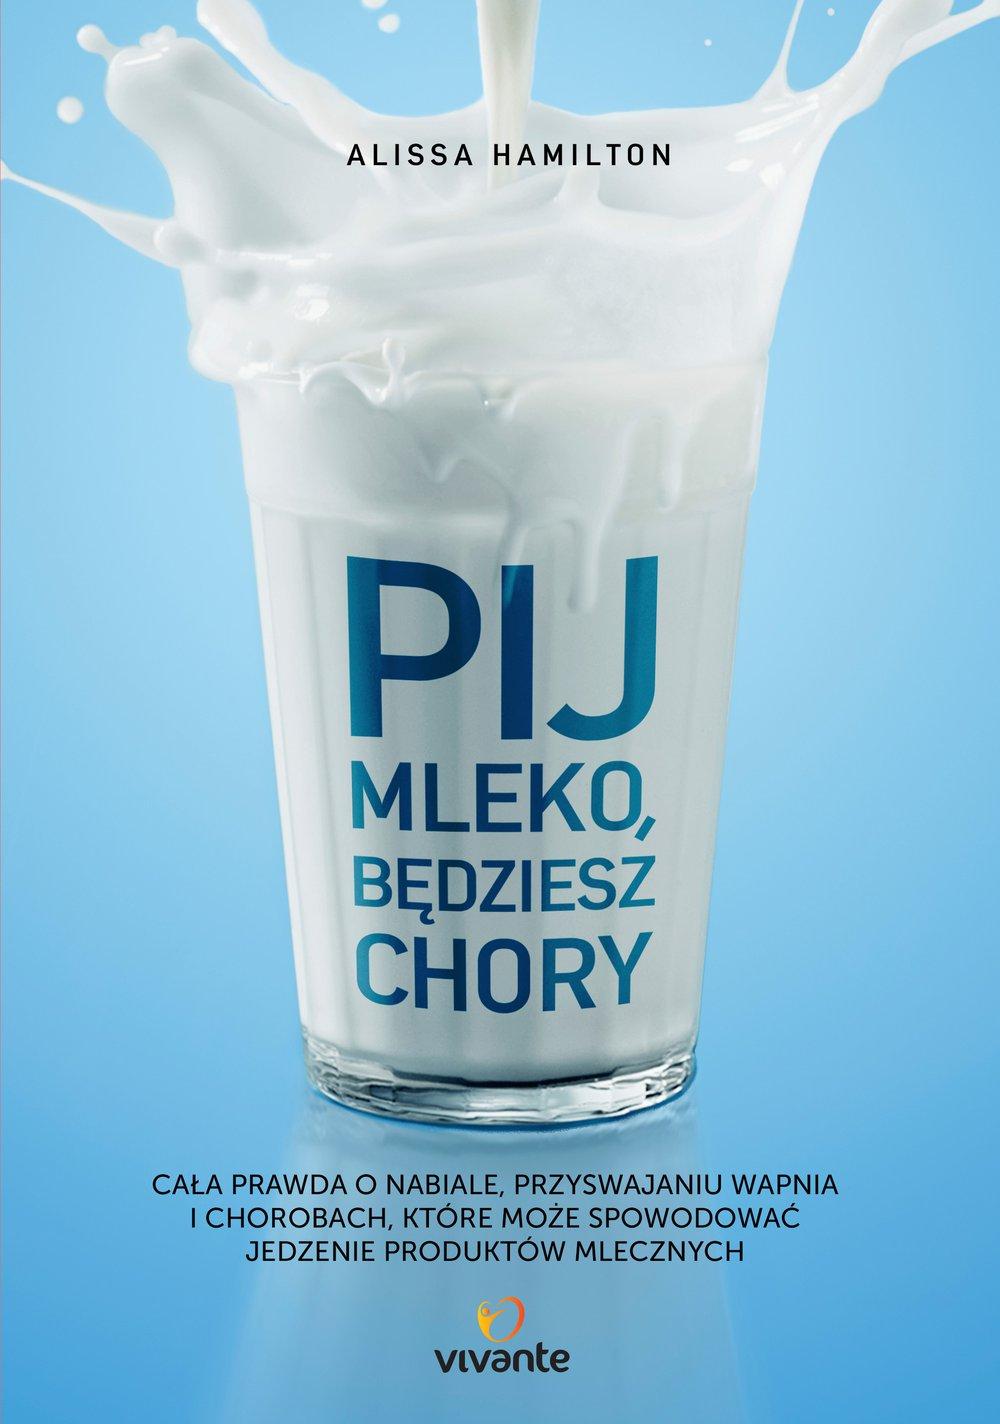 Pij mleko, będziesz chory. Cała prawda o nabiale, przyswajaniu wapnia i chorobach, które może spowodować jedzenie produktów mlecznych - Ebook (Książka EPUB) do pobrania w formacie EPUB